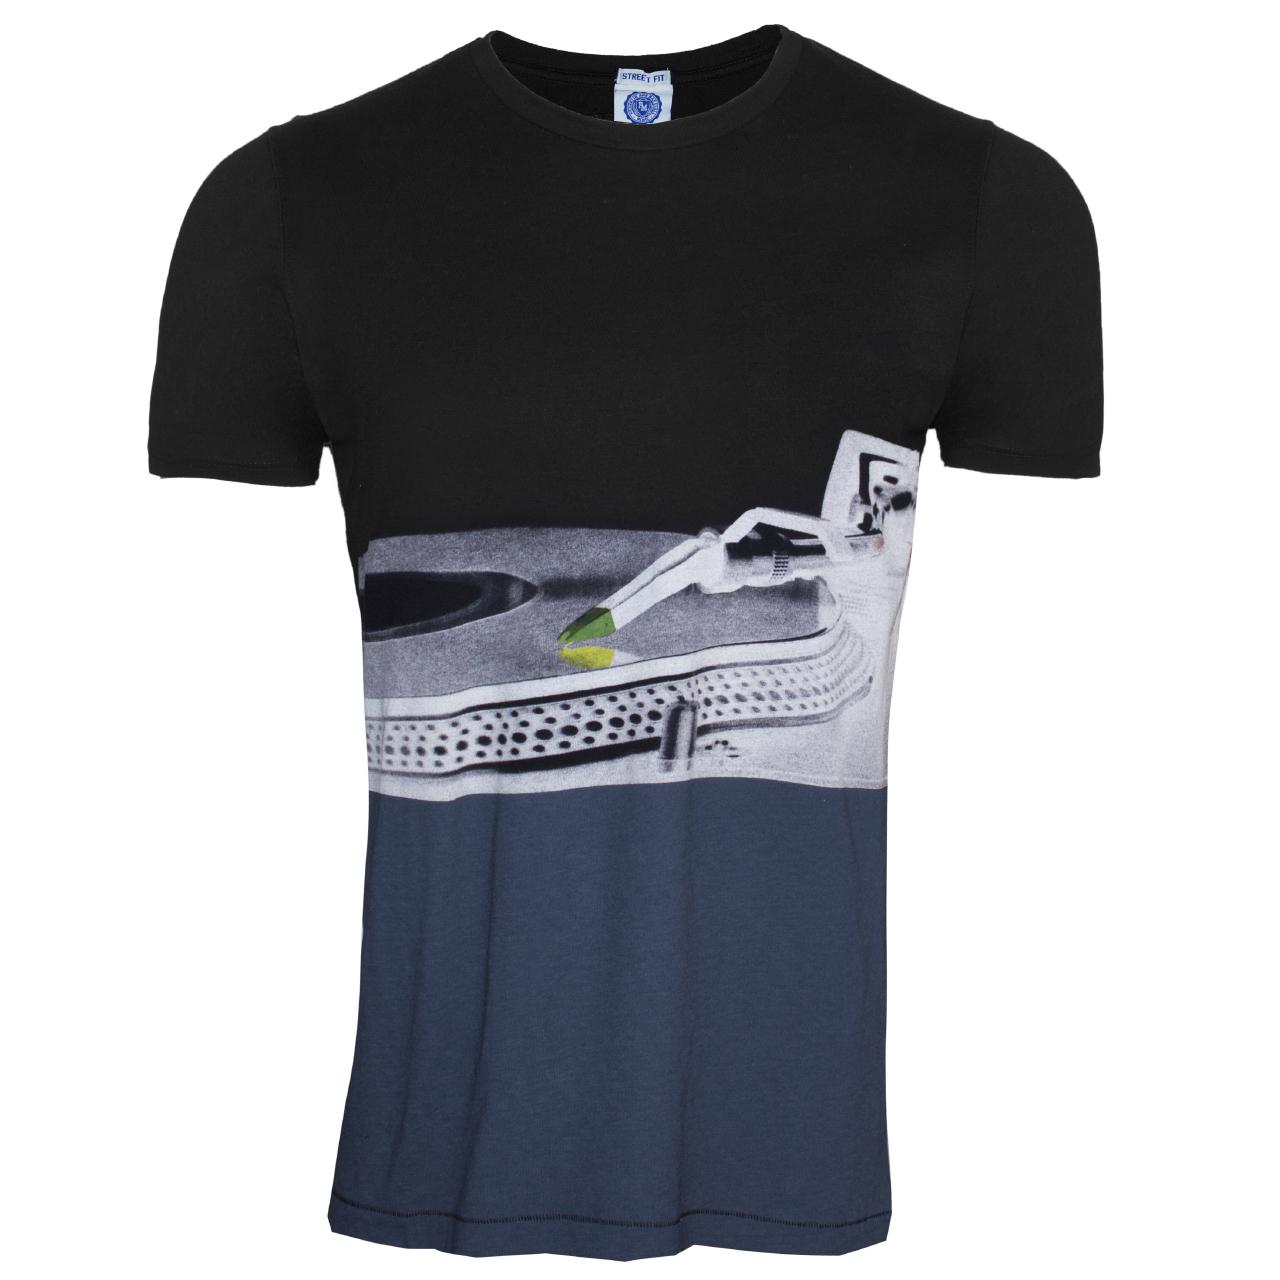 قیمت تی شرت مردانه فرانکلین مارشال مدل جرزی کد 286